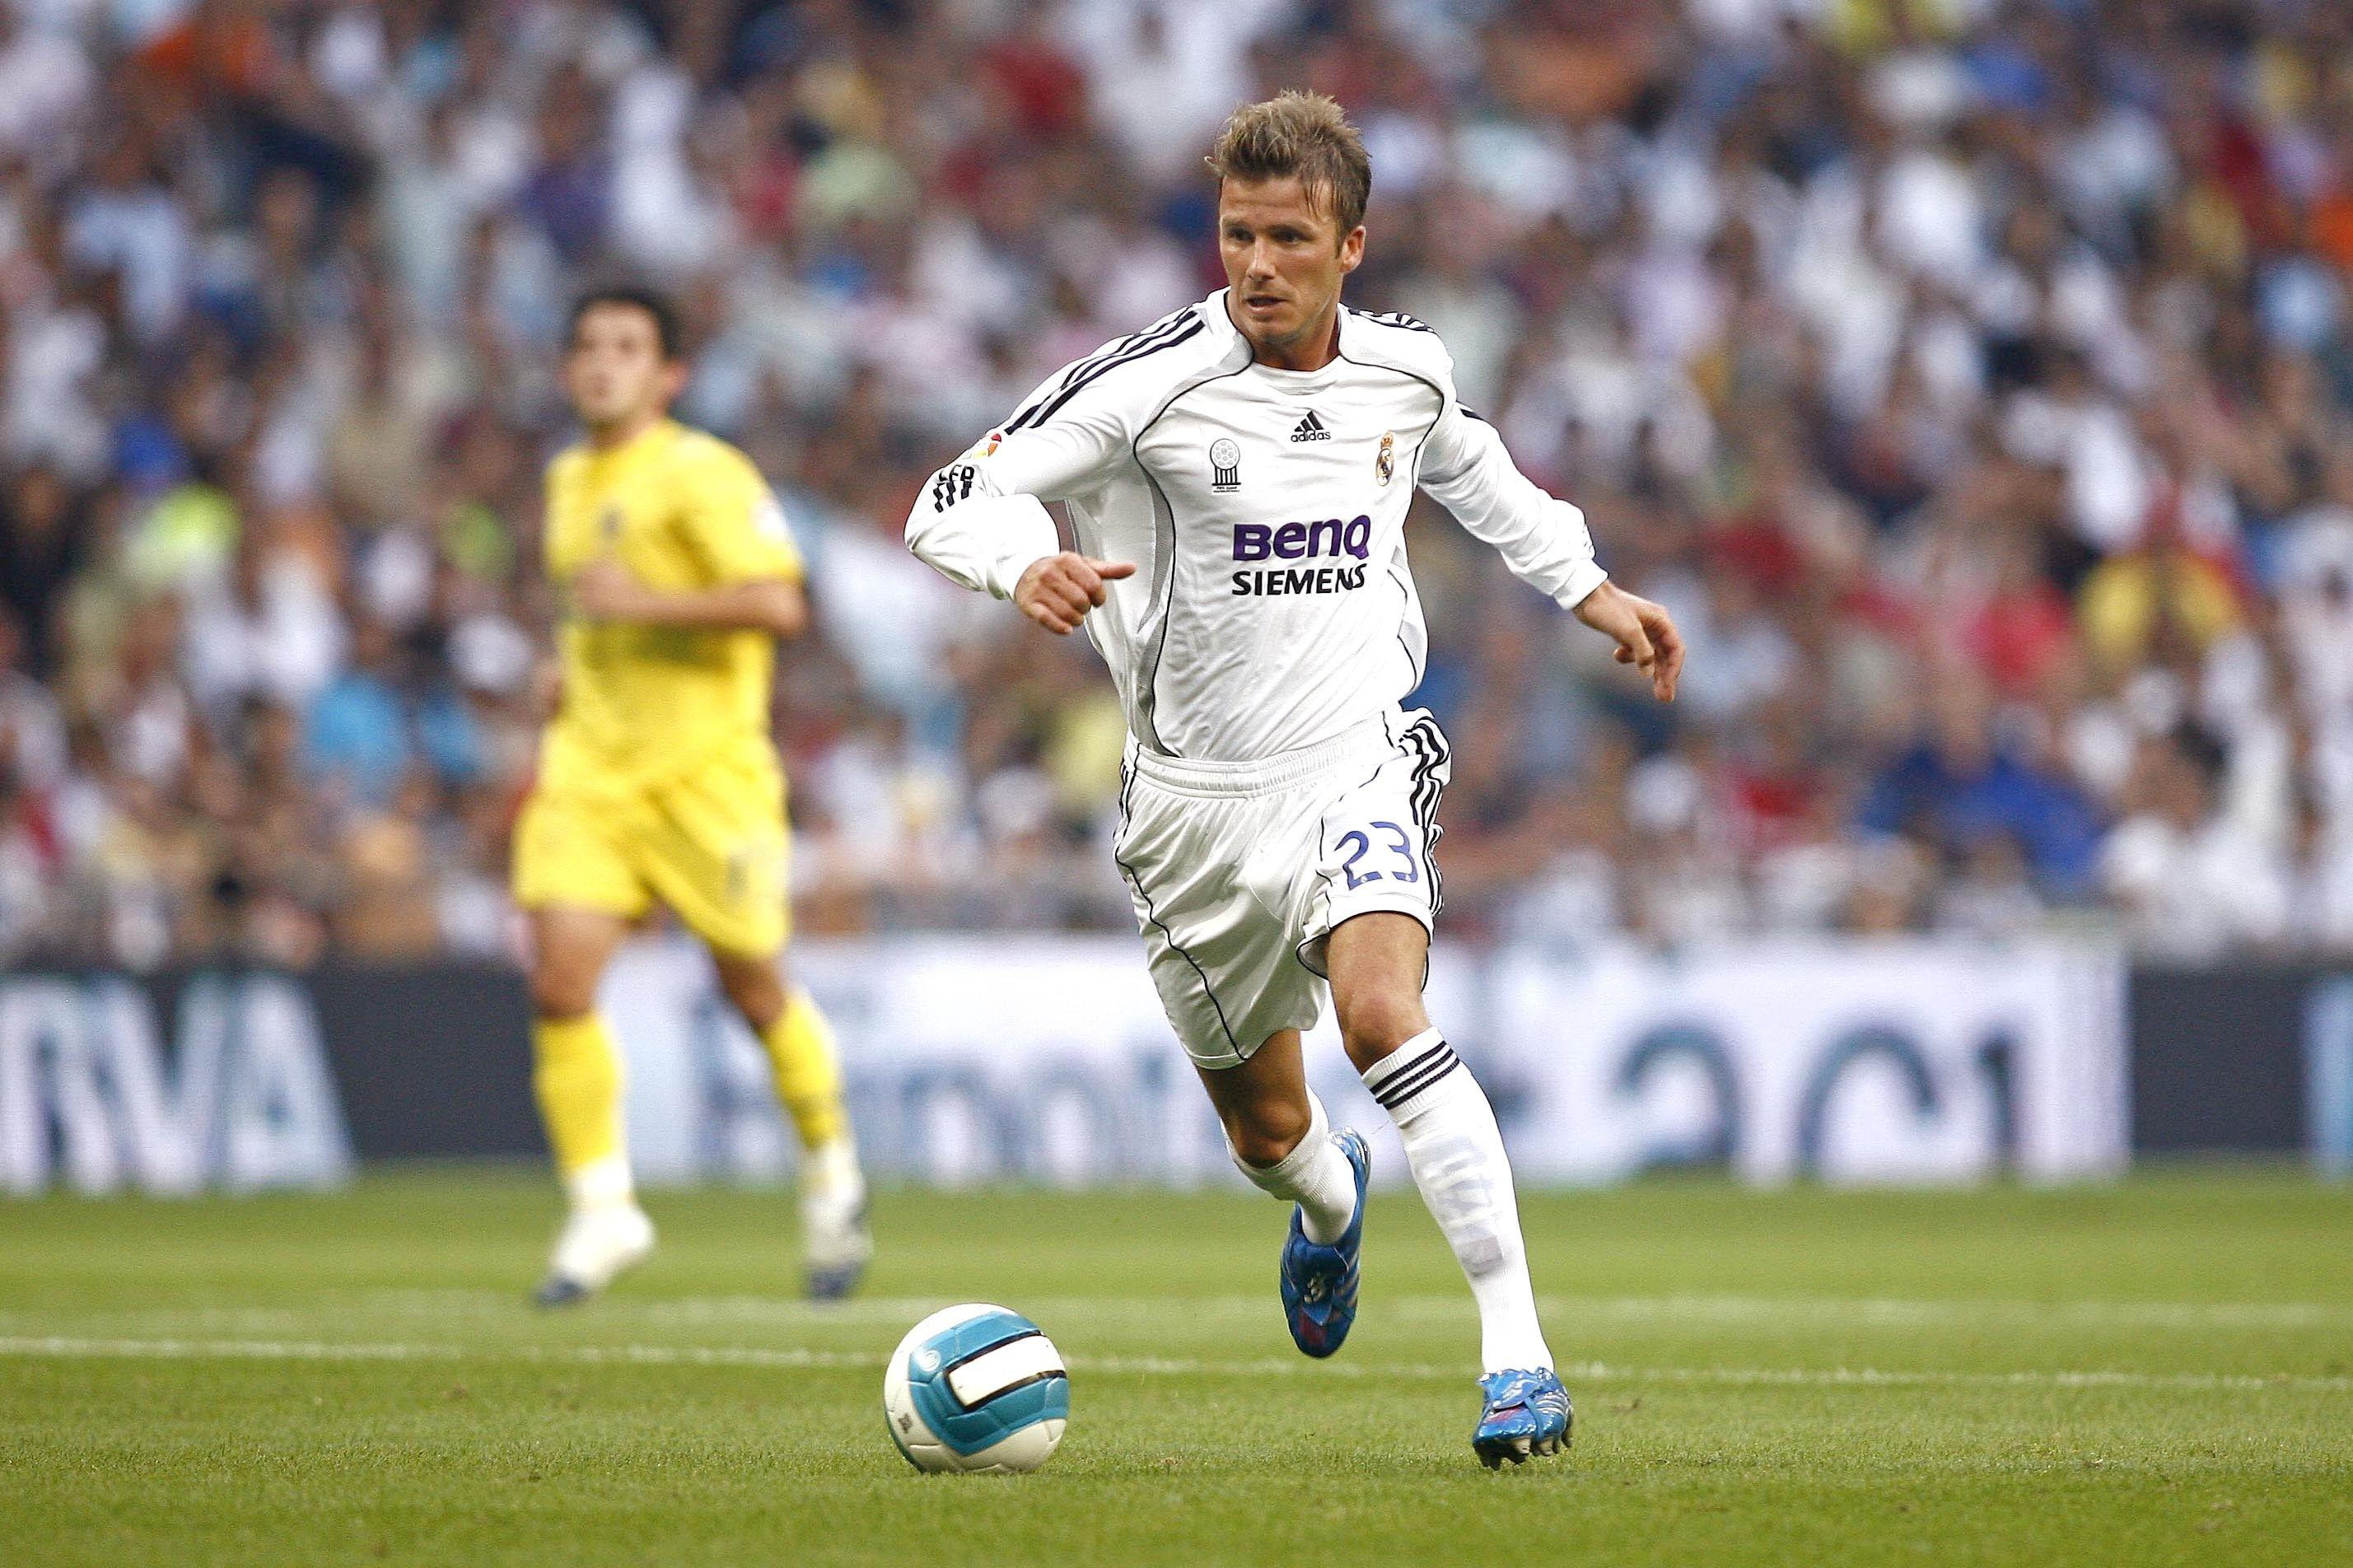 Cái tôi sẽ khiến Pogba bị tống khứ như Beckham, Van Nistelrooy? Ảnh 6